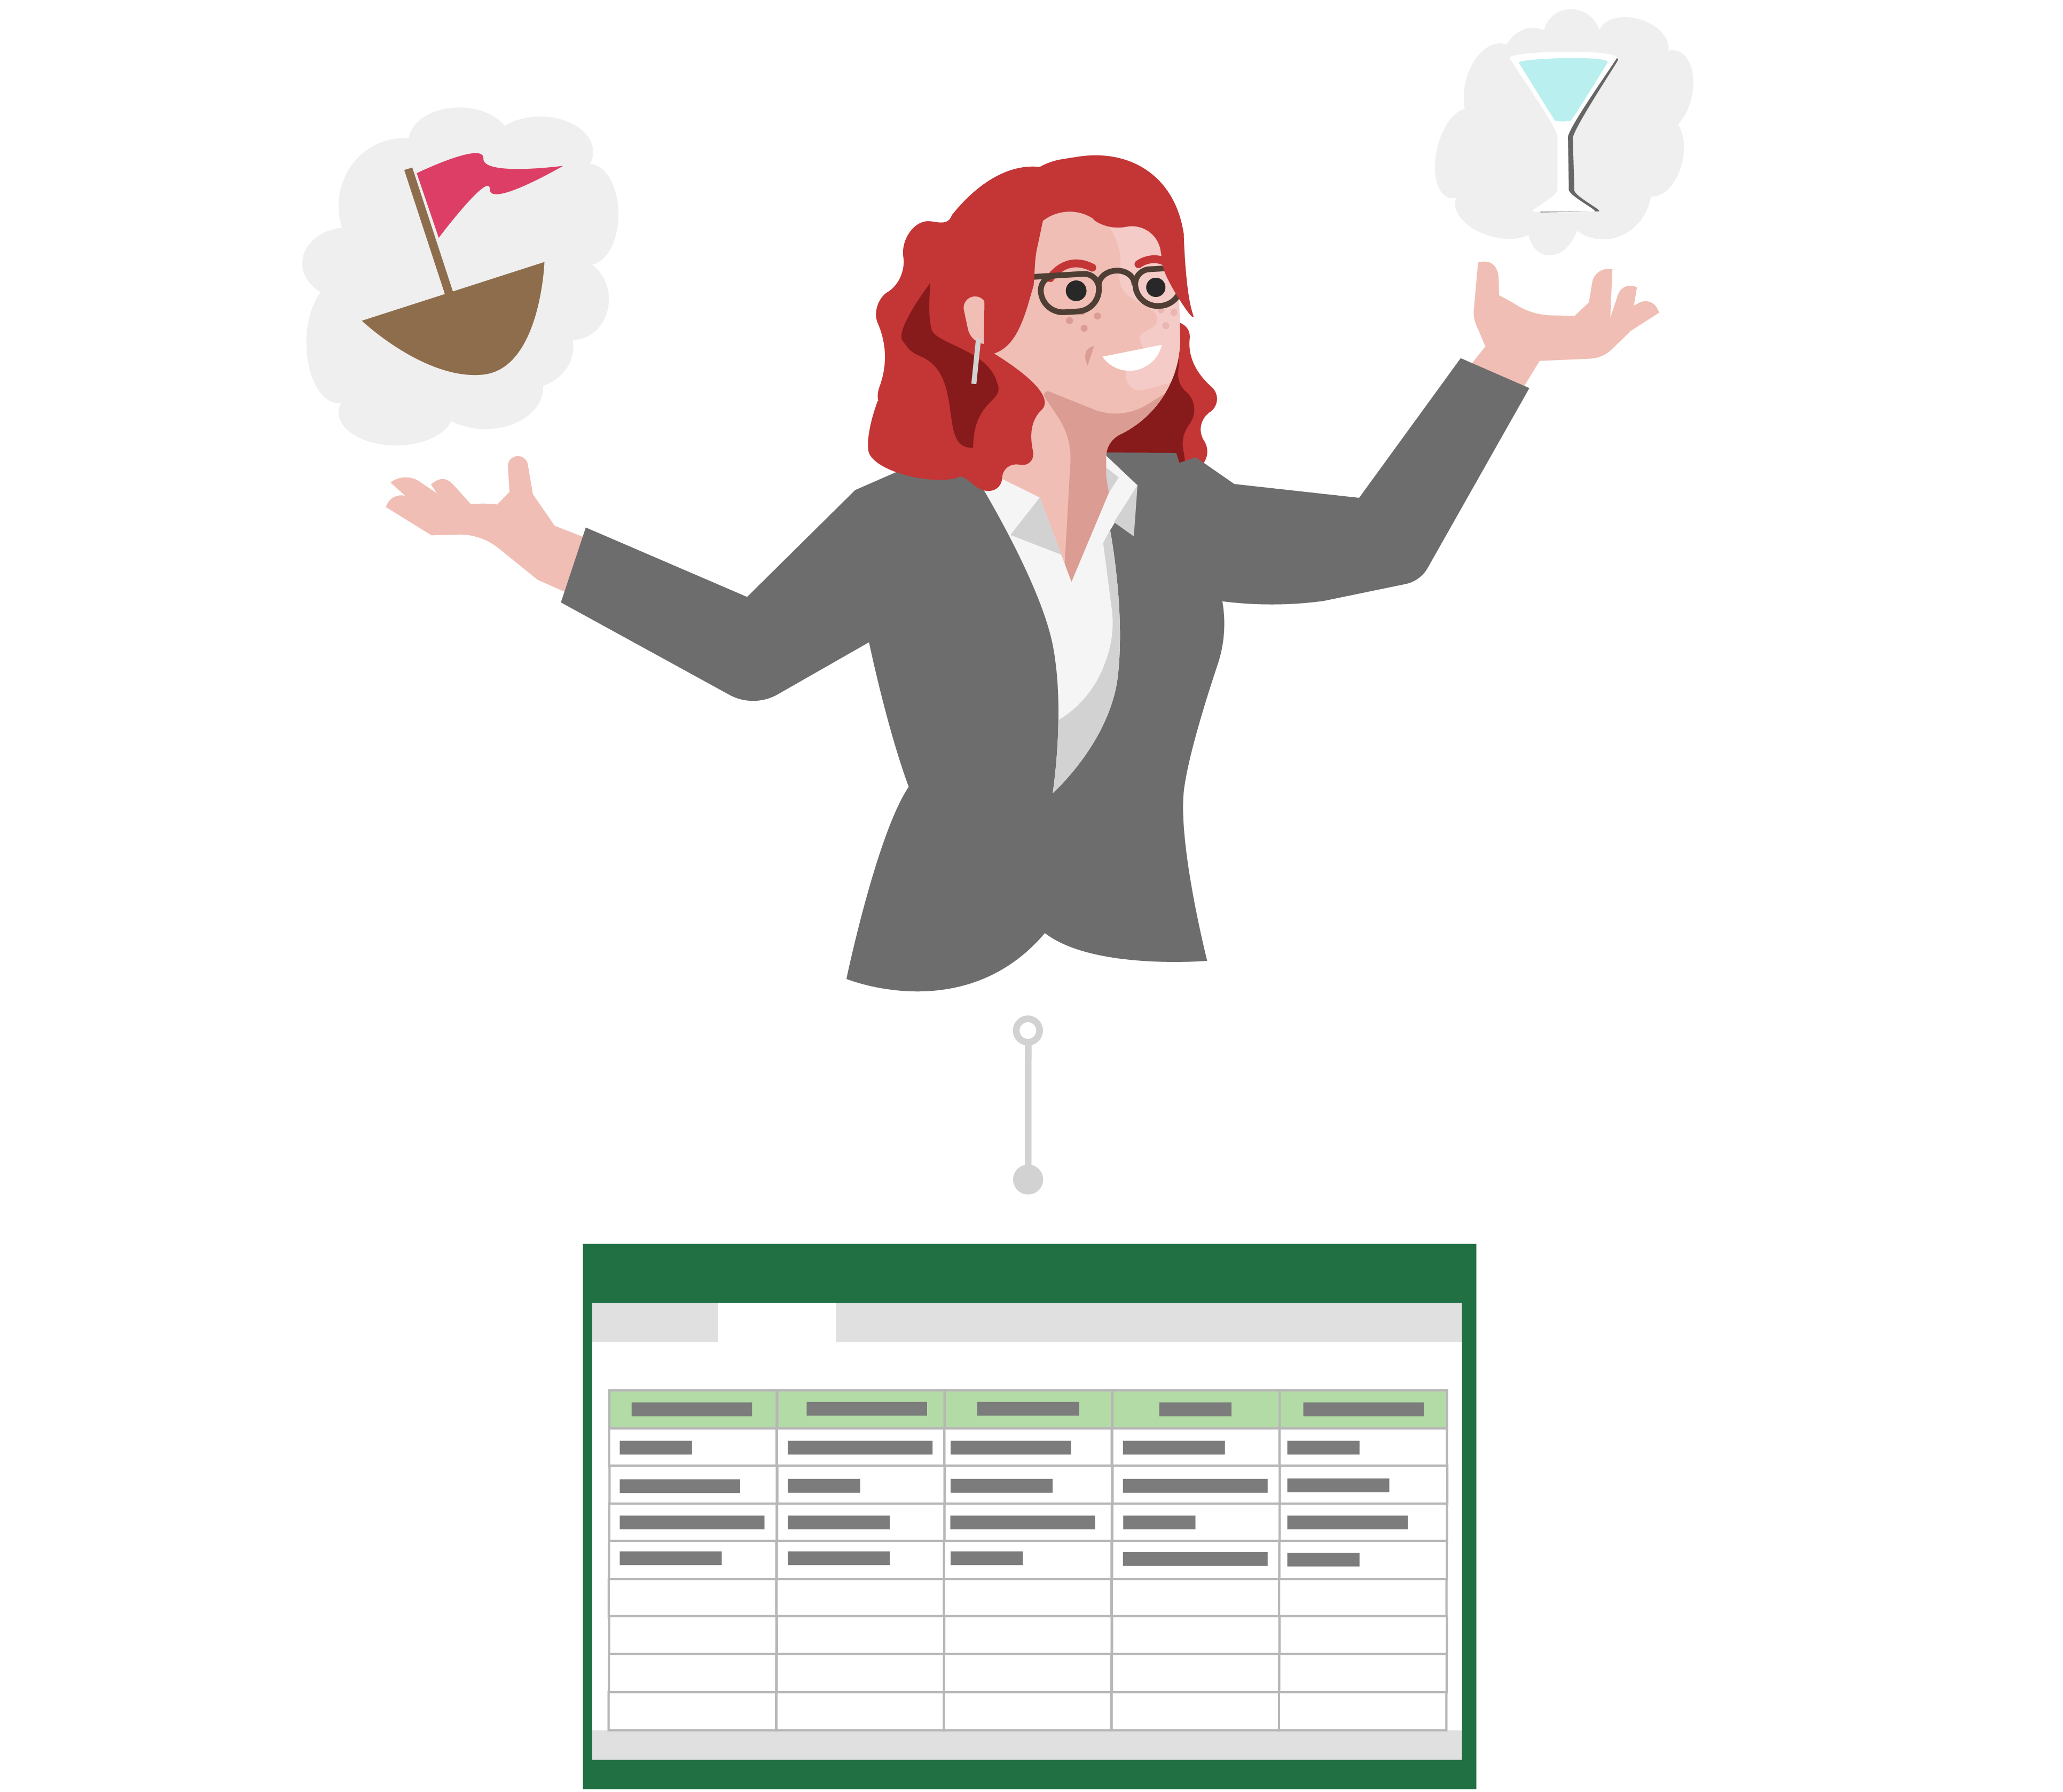 Raquel precisa de feedback sobre as suas ideias, por isso cria uma folha de cálculo e guarda na nuvem.